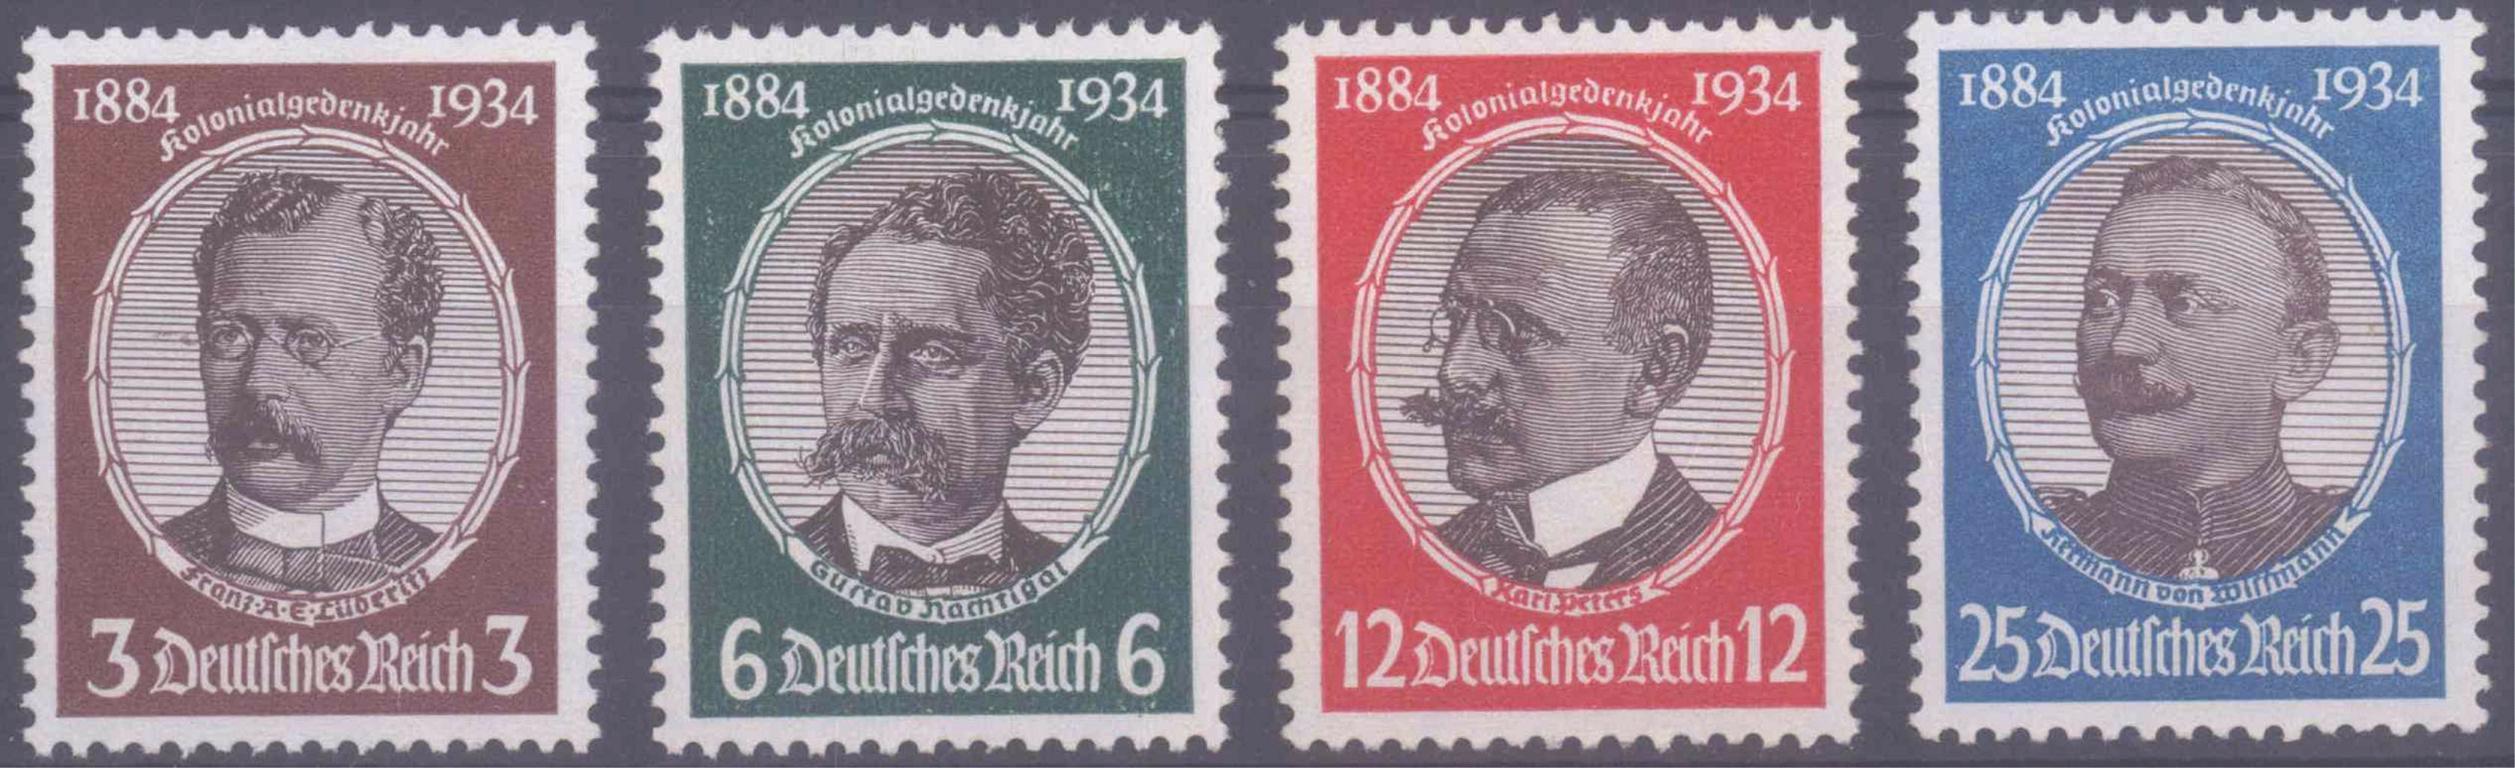 III. Reich 1934, Kolonialforscher